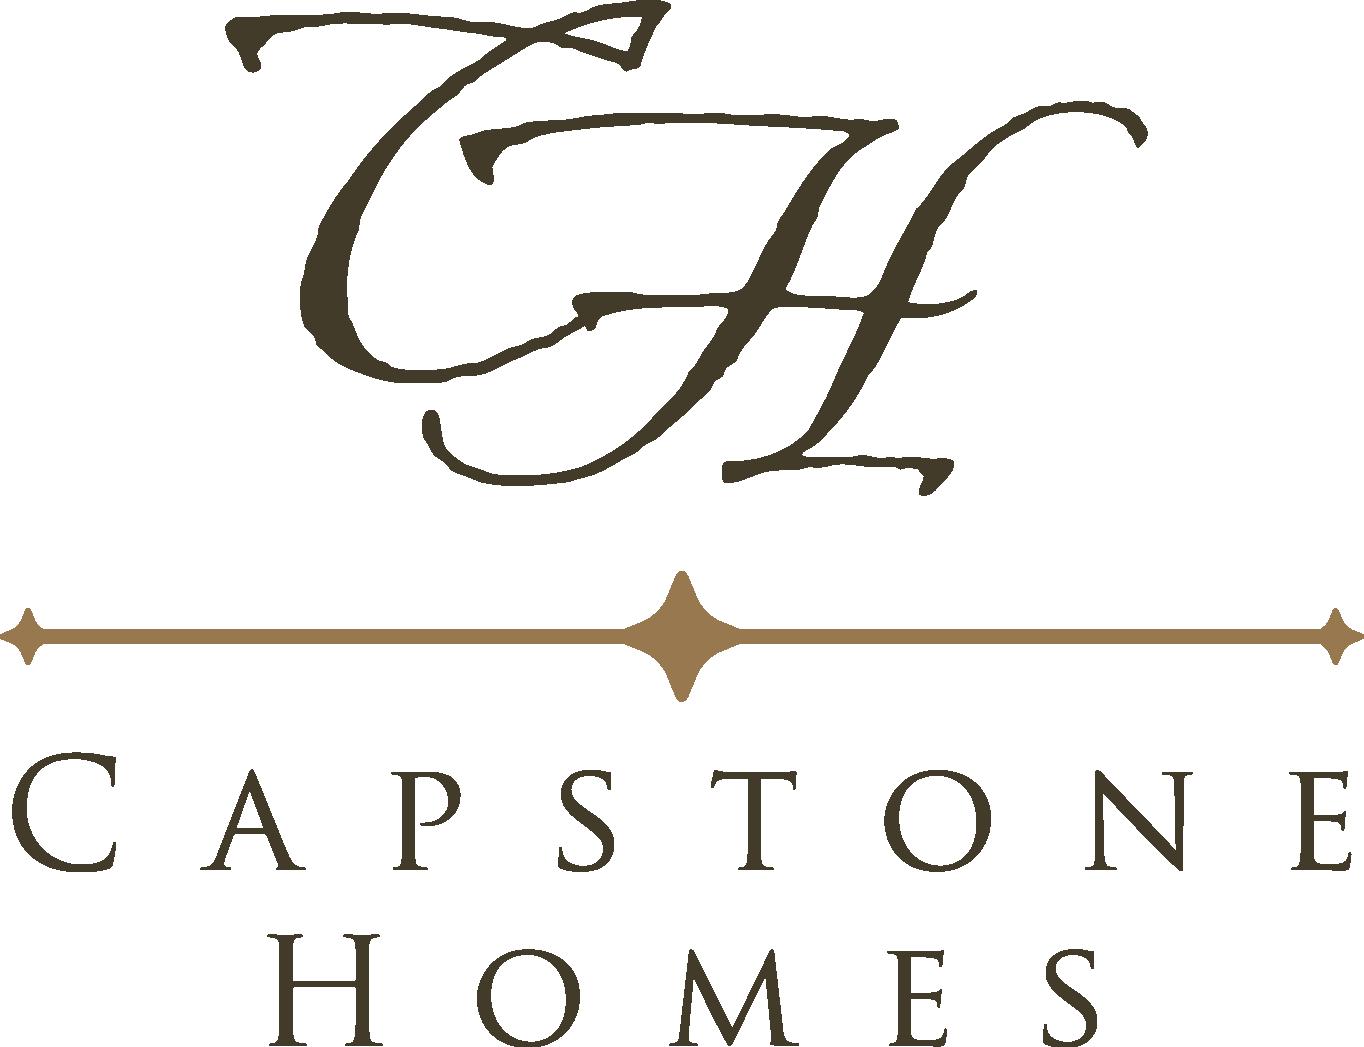 Capstone Homes company logo